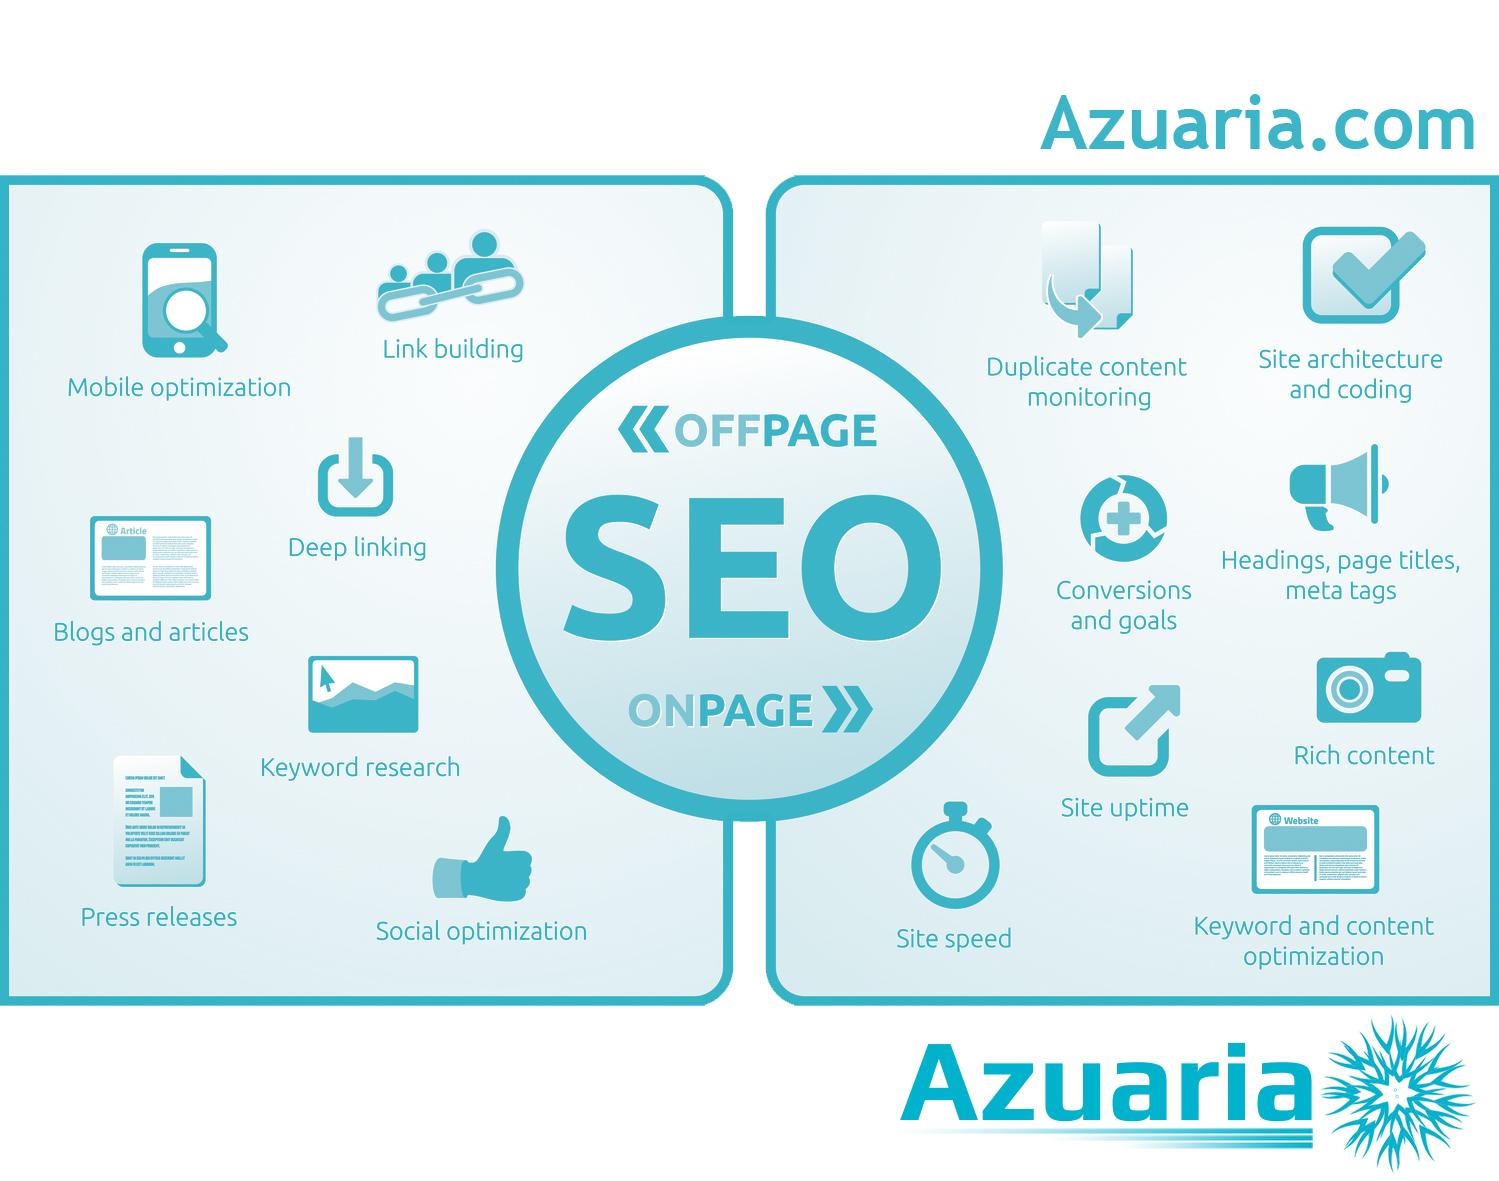 offpage-seo-azuaria